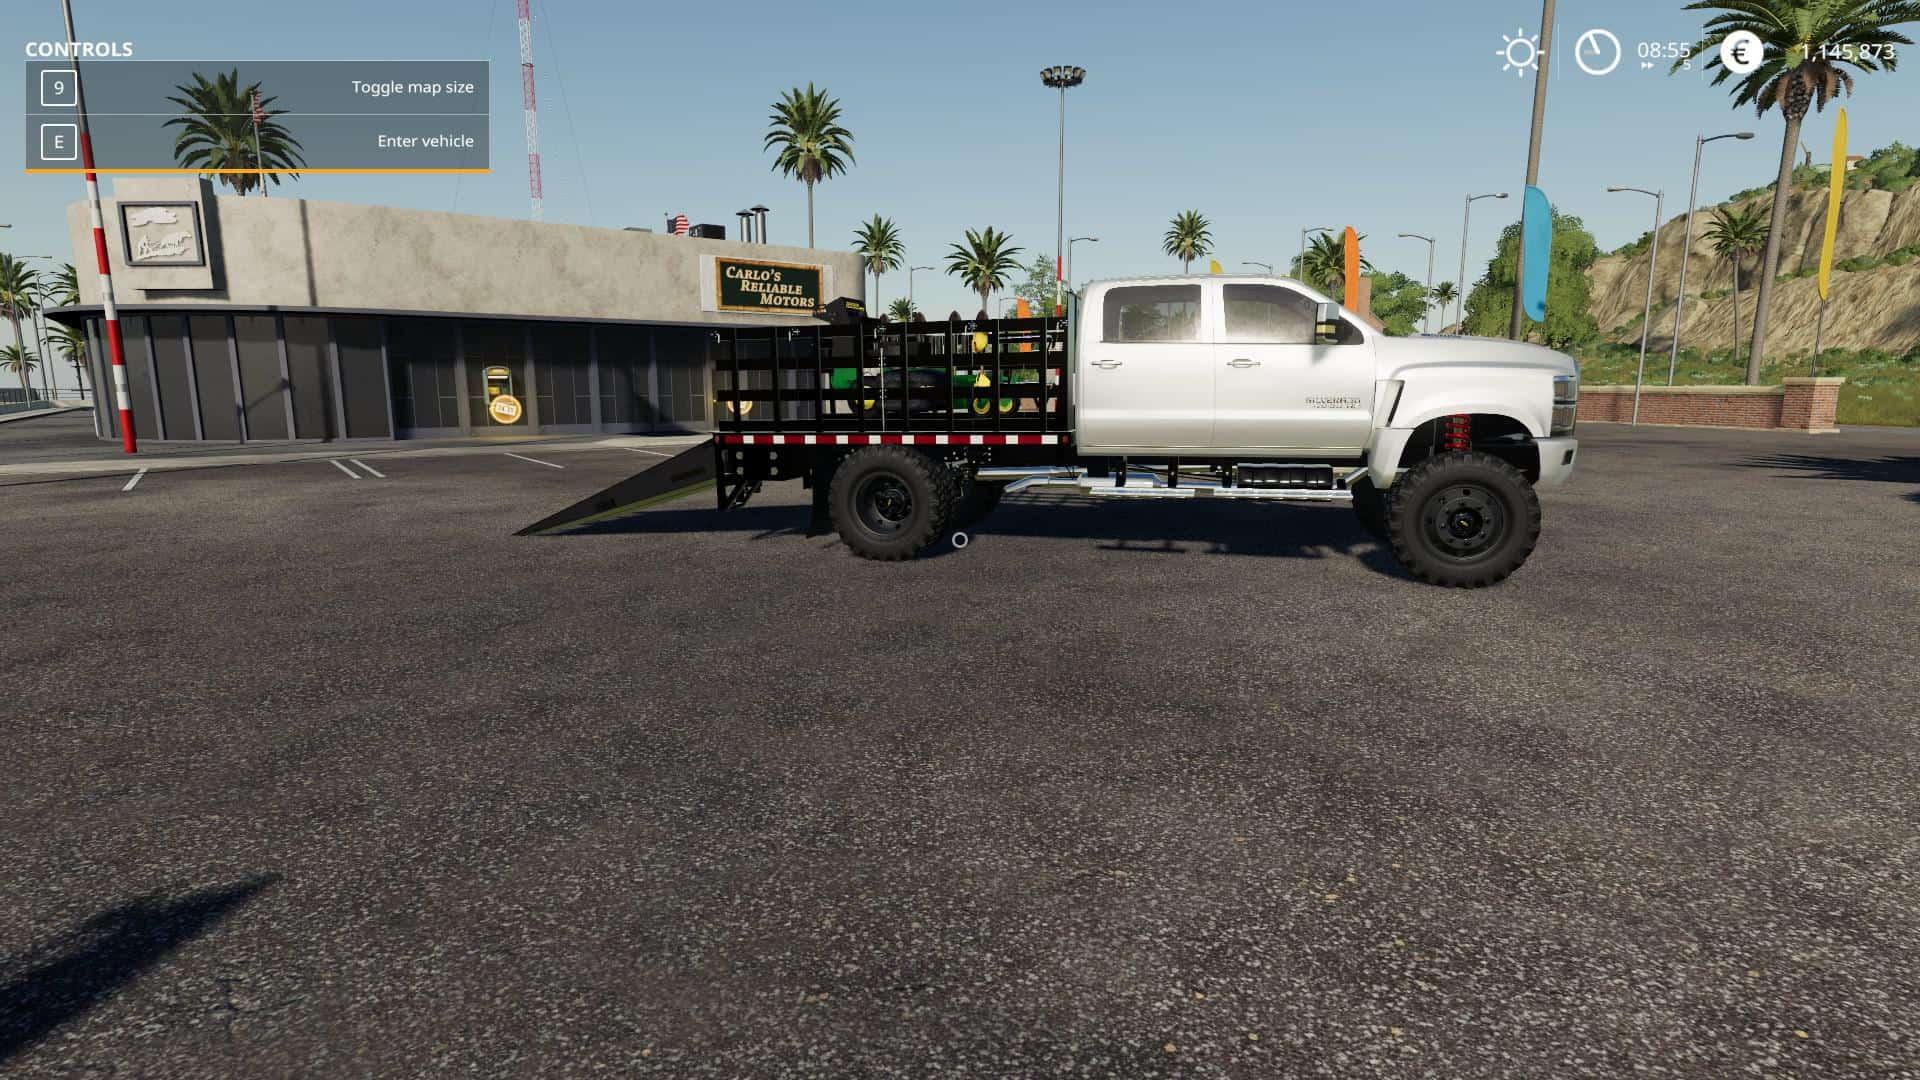 FS19 Chevy 4500 Lawn care edit v1.2 - Farming Simulator 17 ...